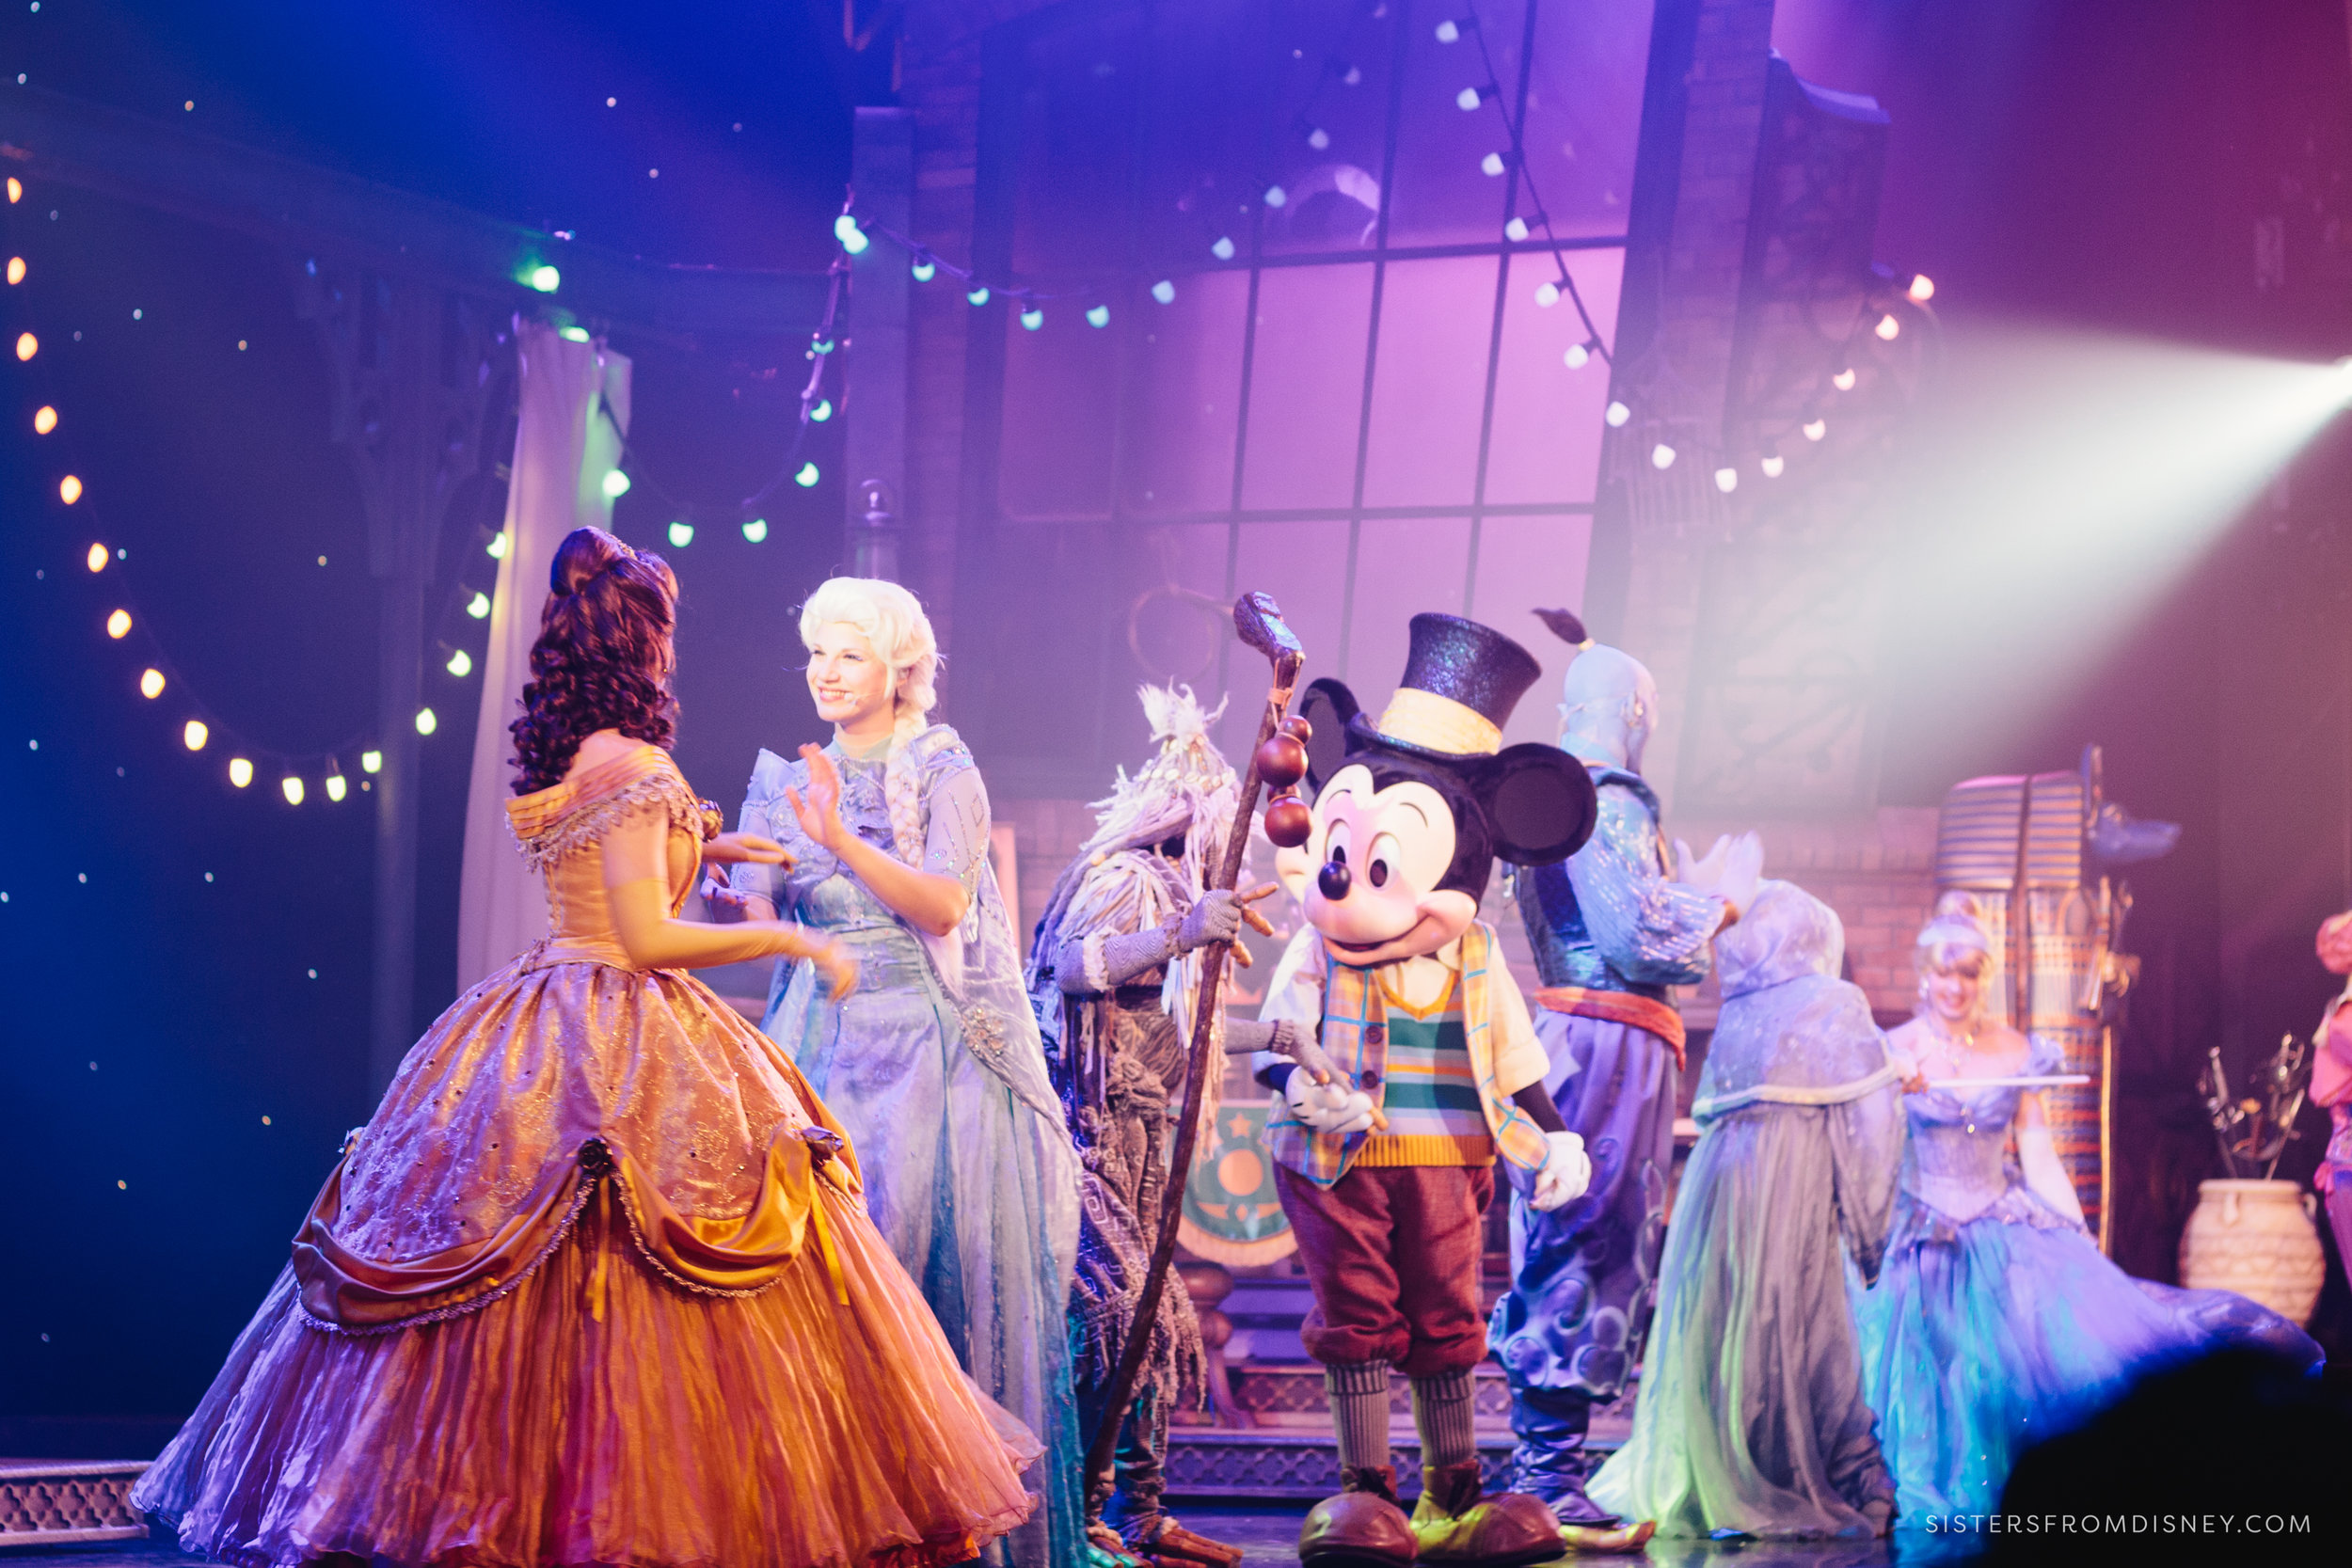 2018June_SFDblog_DisneylandParis_Watermark-3233.jpg